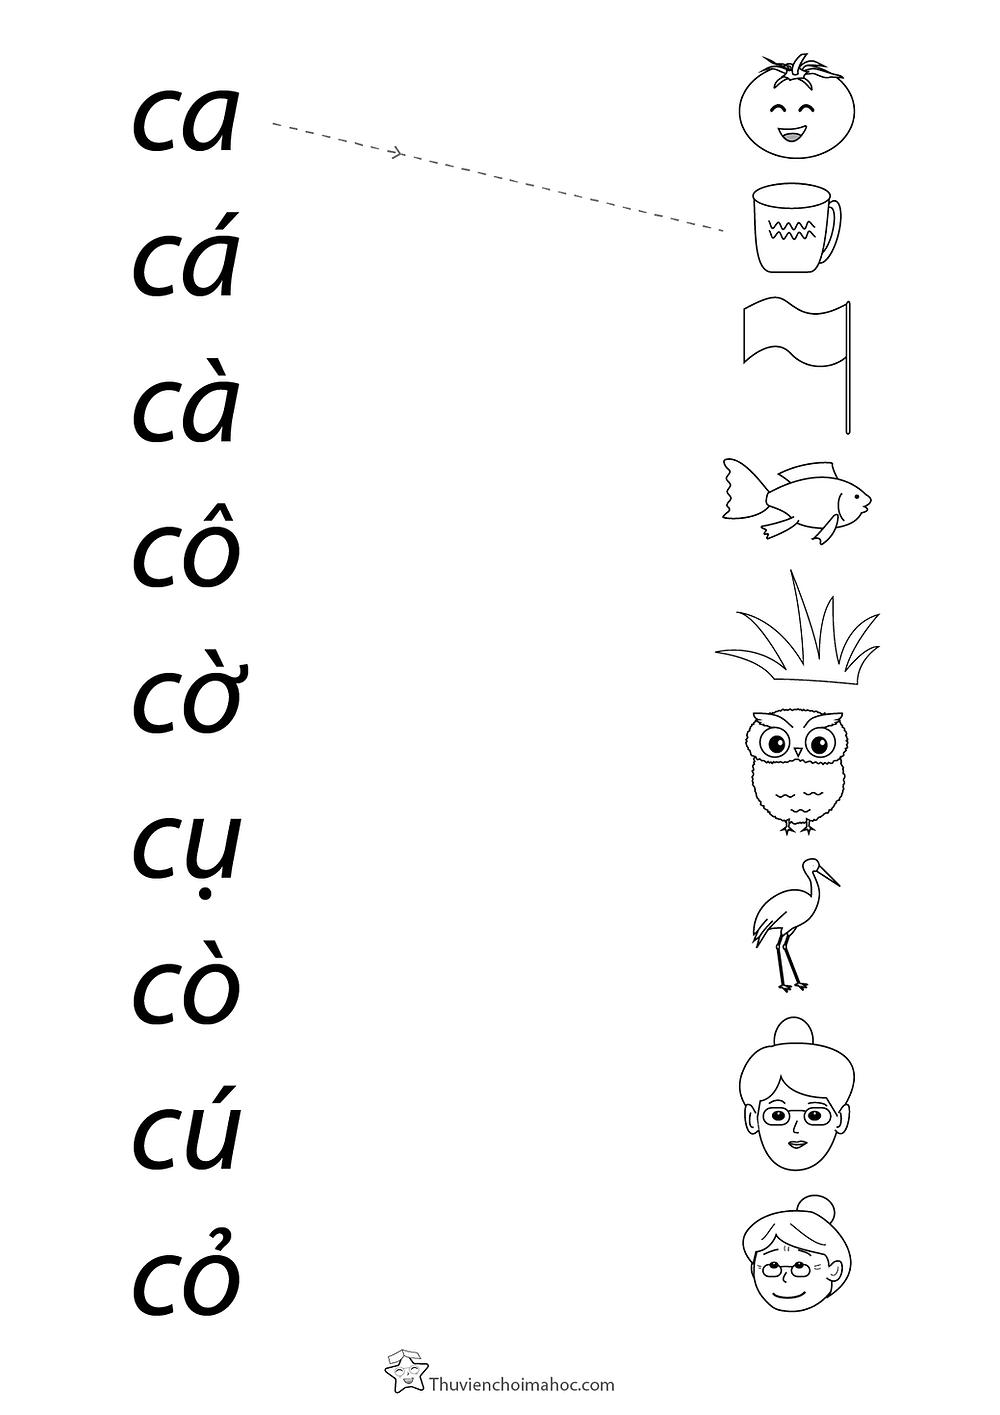 Trò chơi nối hình và chữ - bé tập đọc âm c